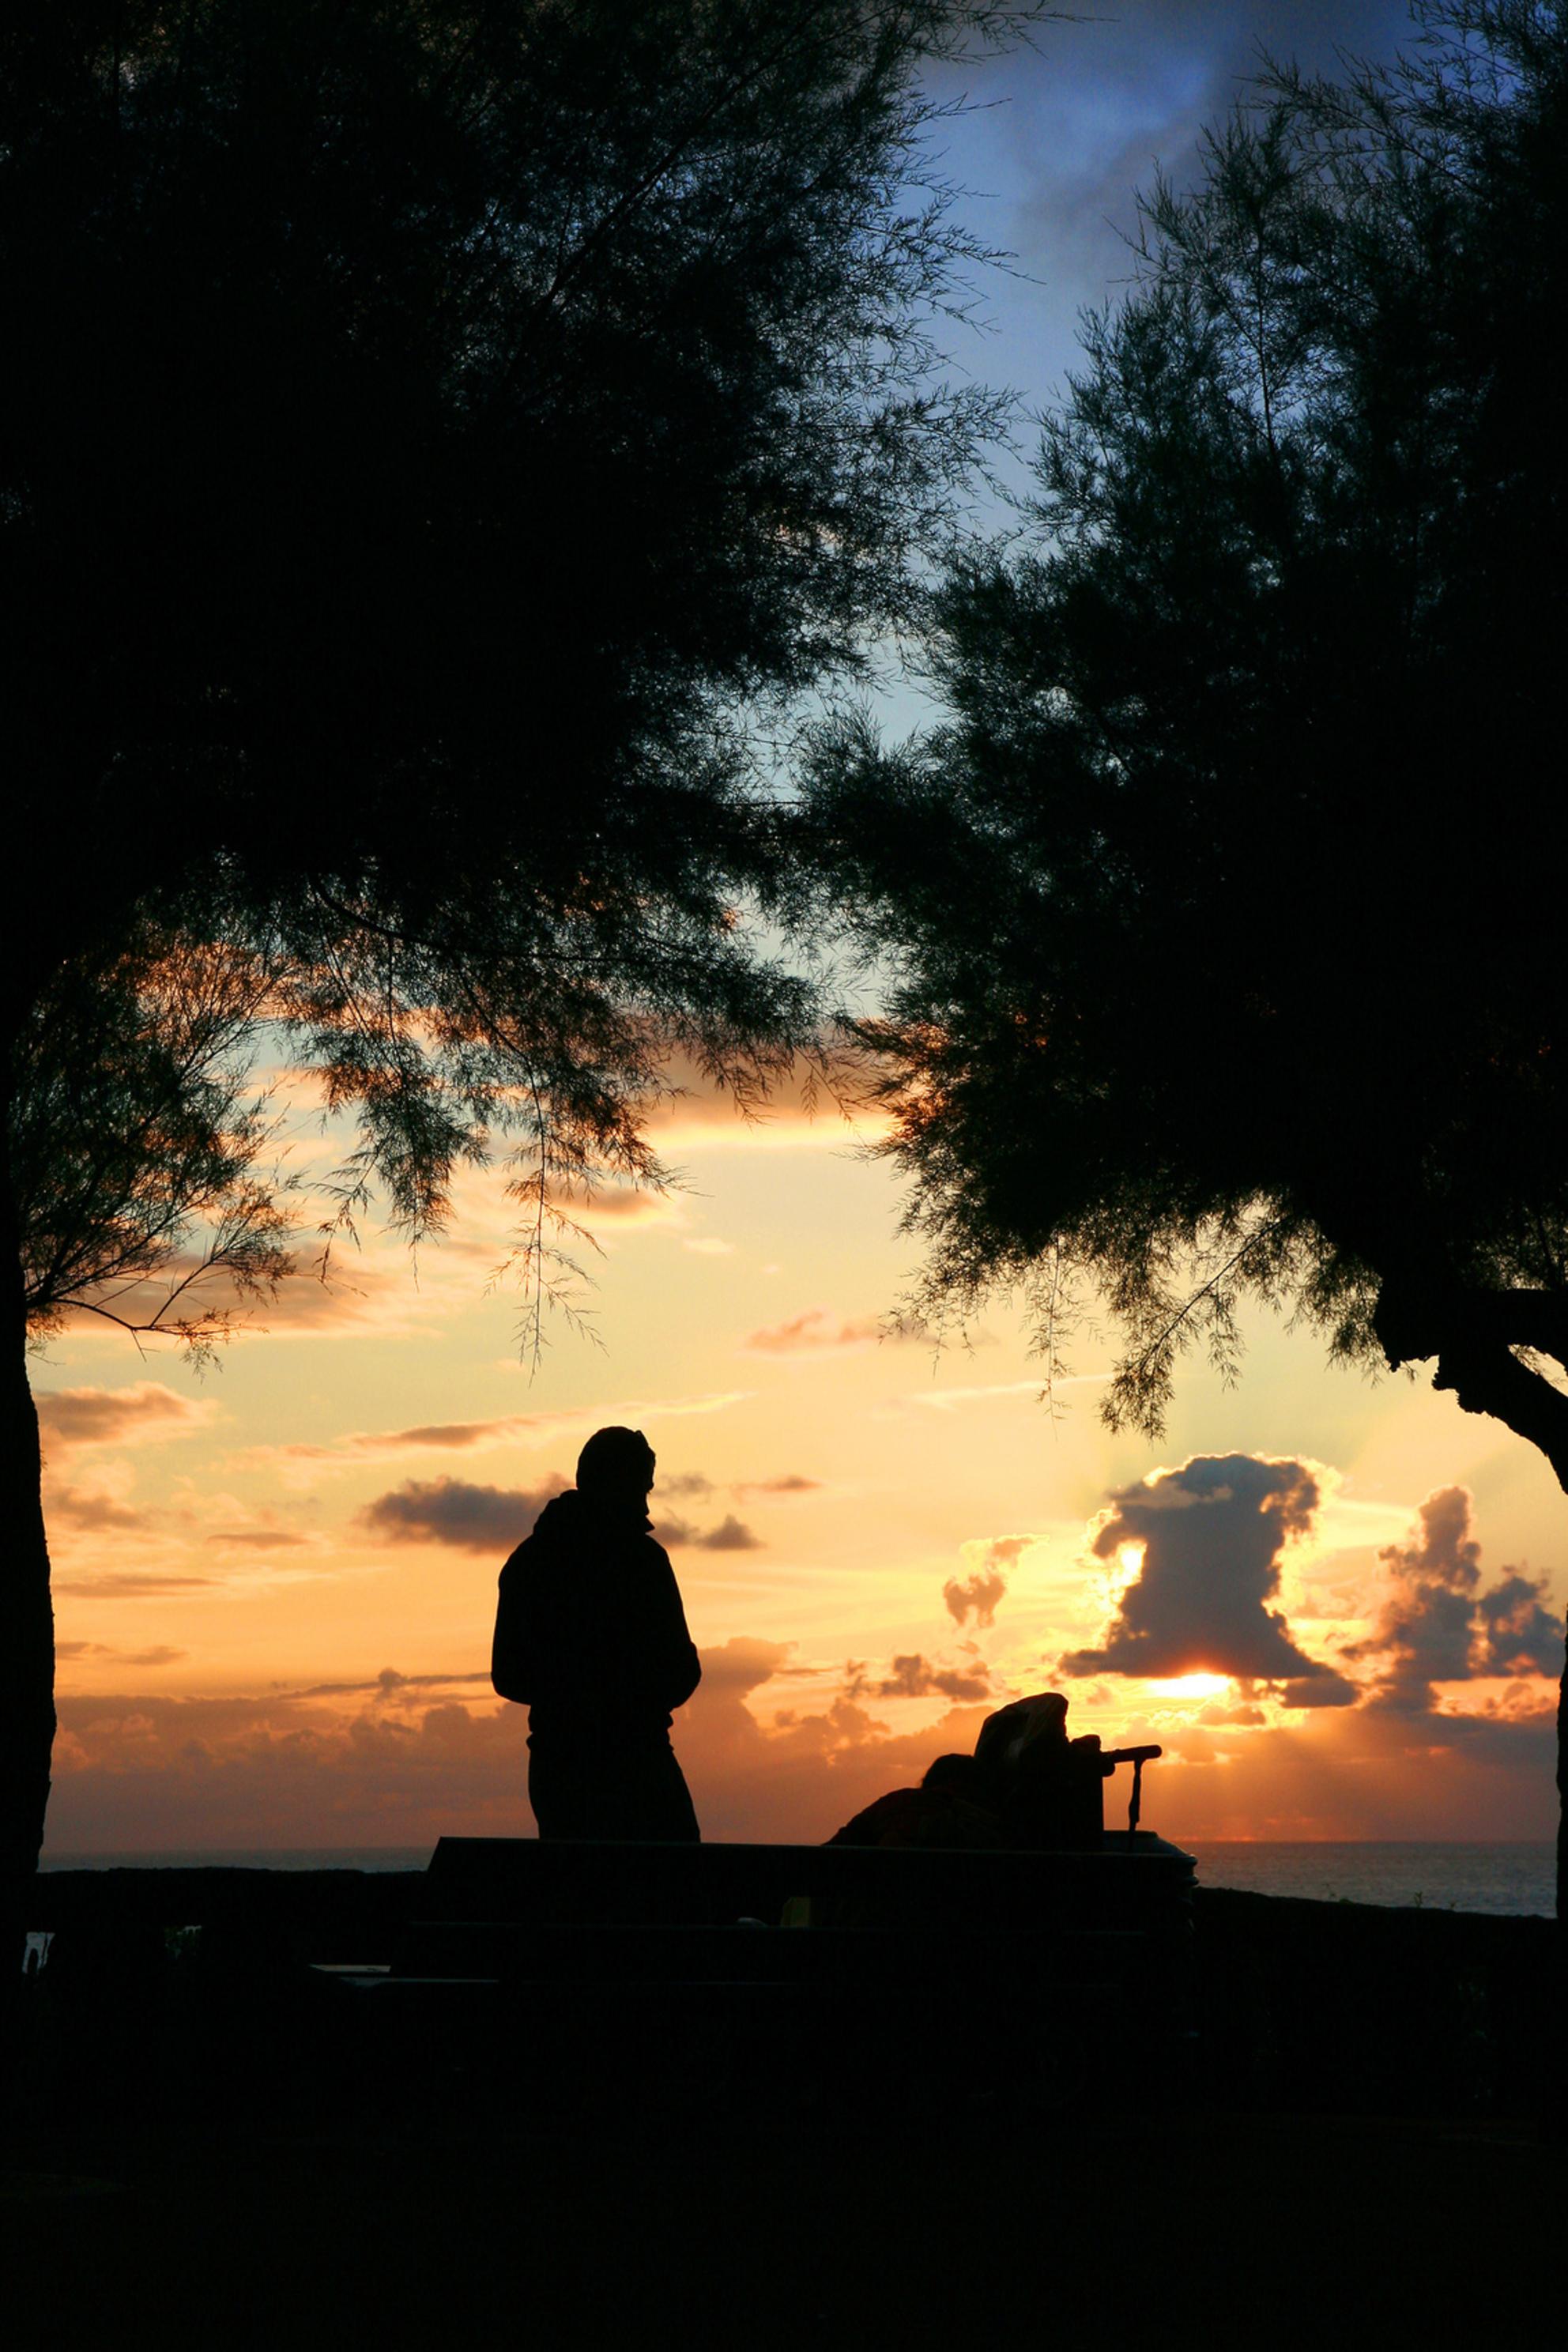 Nieuw licht - Zonsondergang met op de voorgrond een vader met baby in de kinderwagen. - foto door mennovermeulen op 09-05-2010 - deze foto bevat: zon, zee, zonsondergang, silhouet, menno vermeulen - Deze foto mag gebruikt worden in een Zoom.nl publicatie